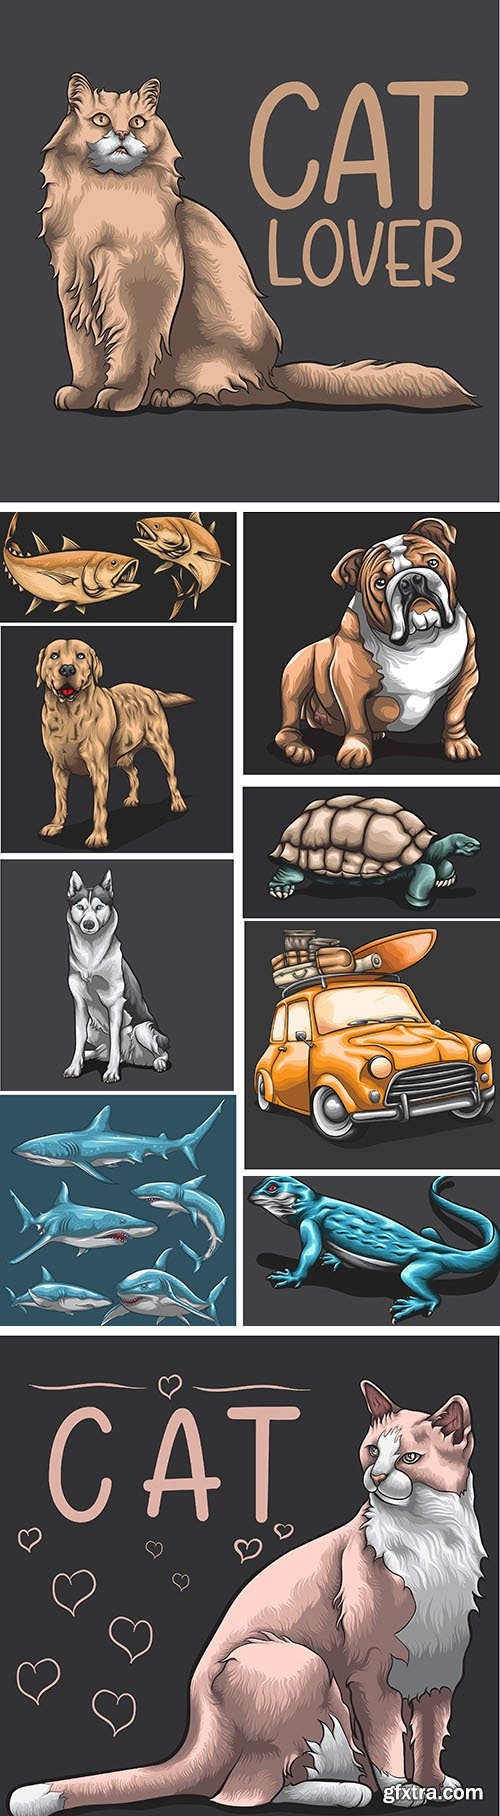 Animals concept cartoon design